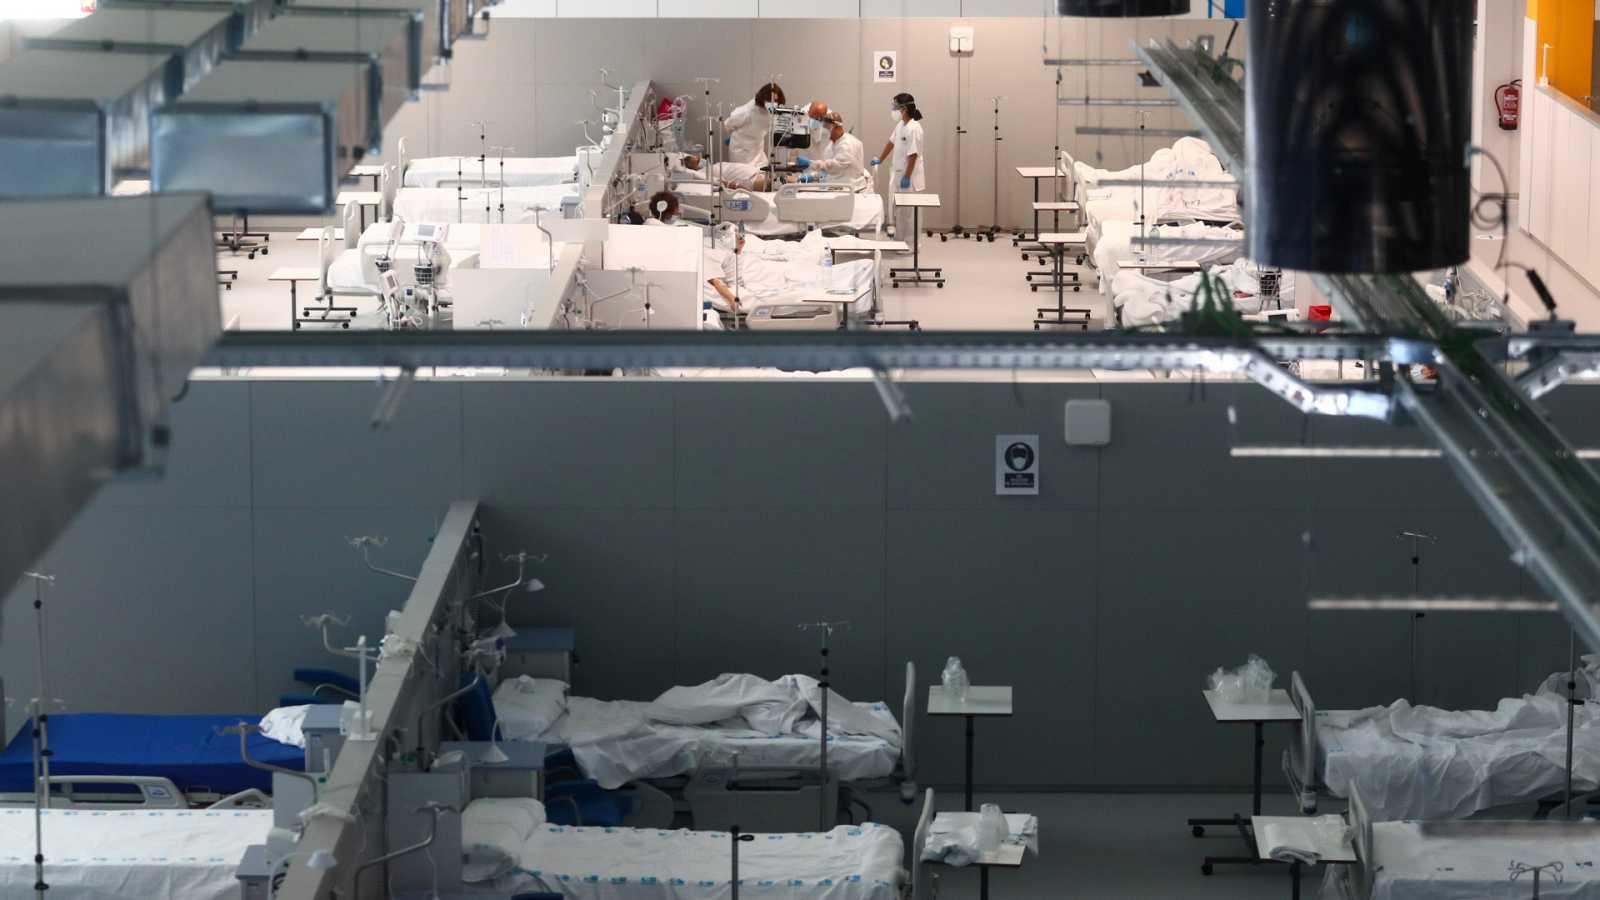 Madrid prohíbe contratar a sanitarios que rechacen su traslado al Zendal